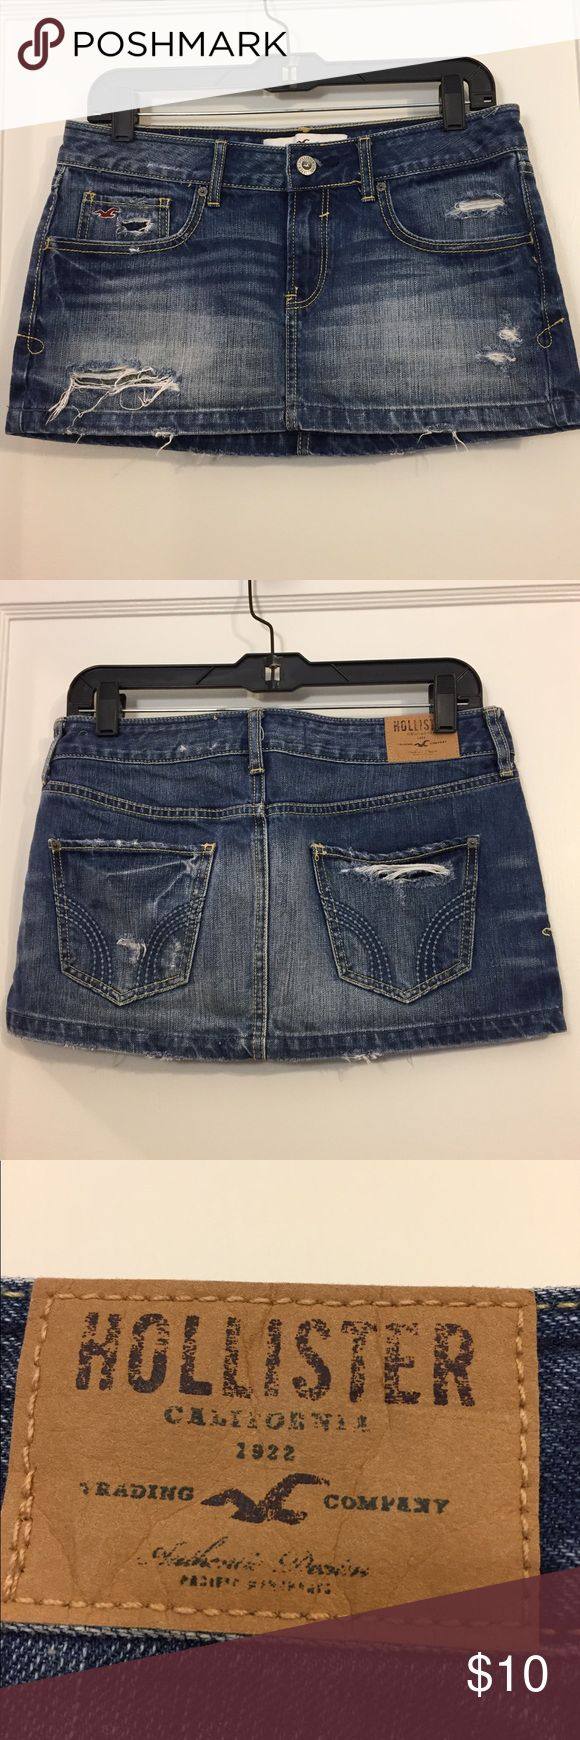 hollister jean skirt hollister short jean skirt. worn but still in good condition!' Hollister Skirts Mini